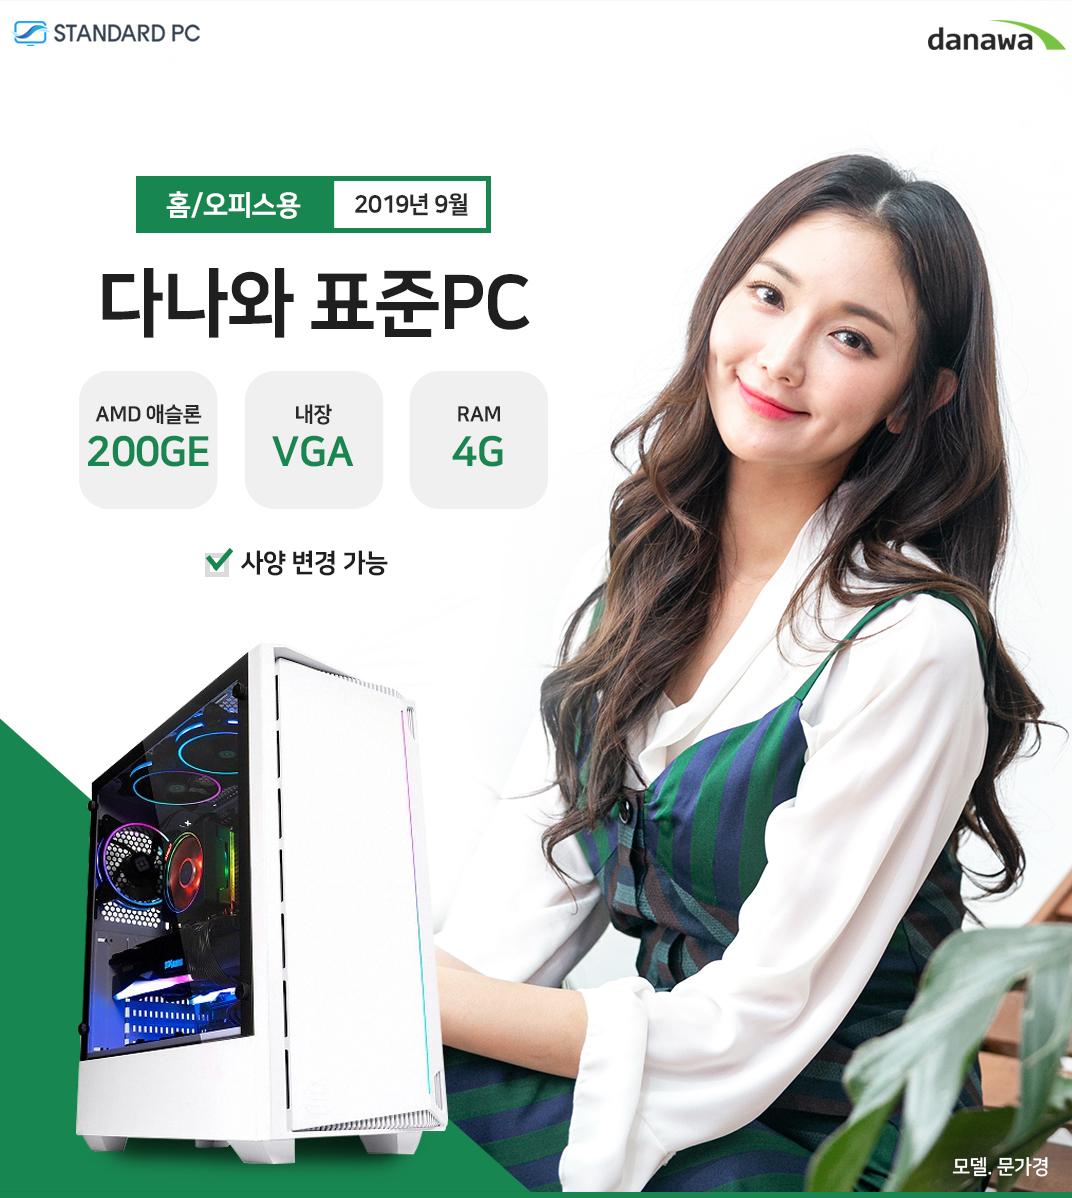 2019년 9월 다나와 표준PC 홈/오피스용 AMD 애슬론 200GE 내장 VGA RAM 4G 모델 문가경